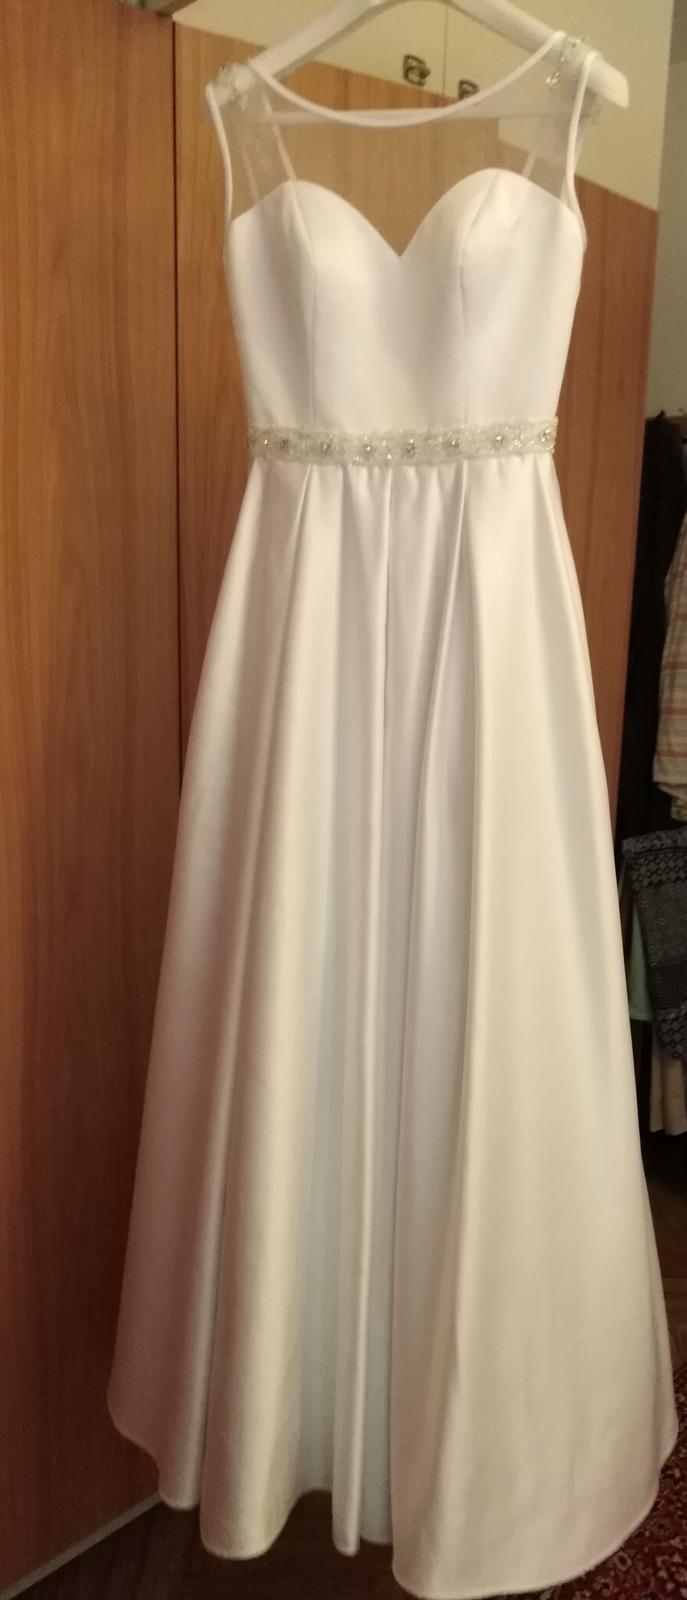 Saténové svadobné šaty s kamienkami - Obrázok č. 1